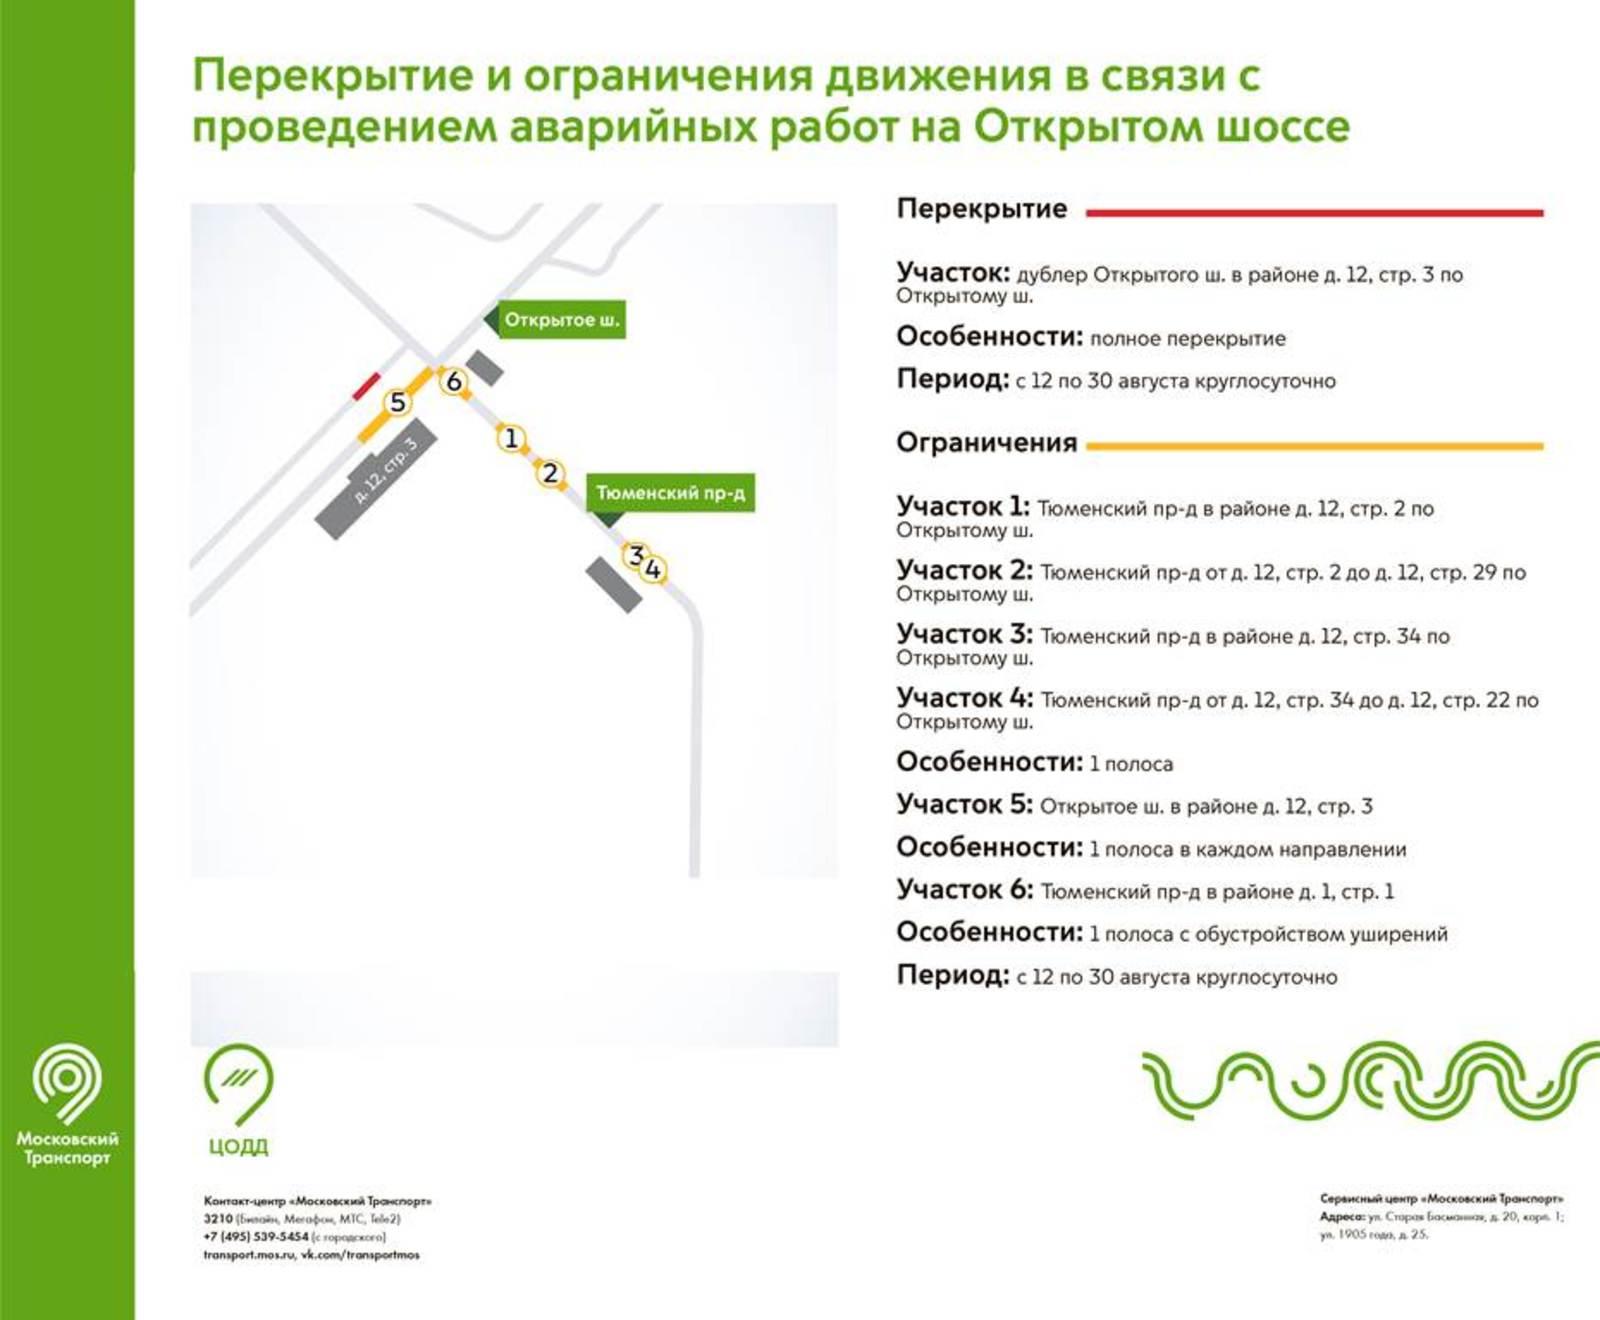 Информационный центр ДТиРДТИ